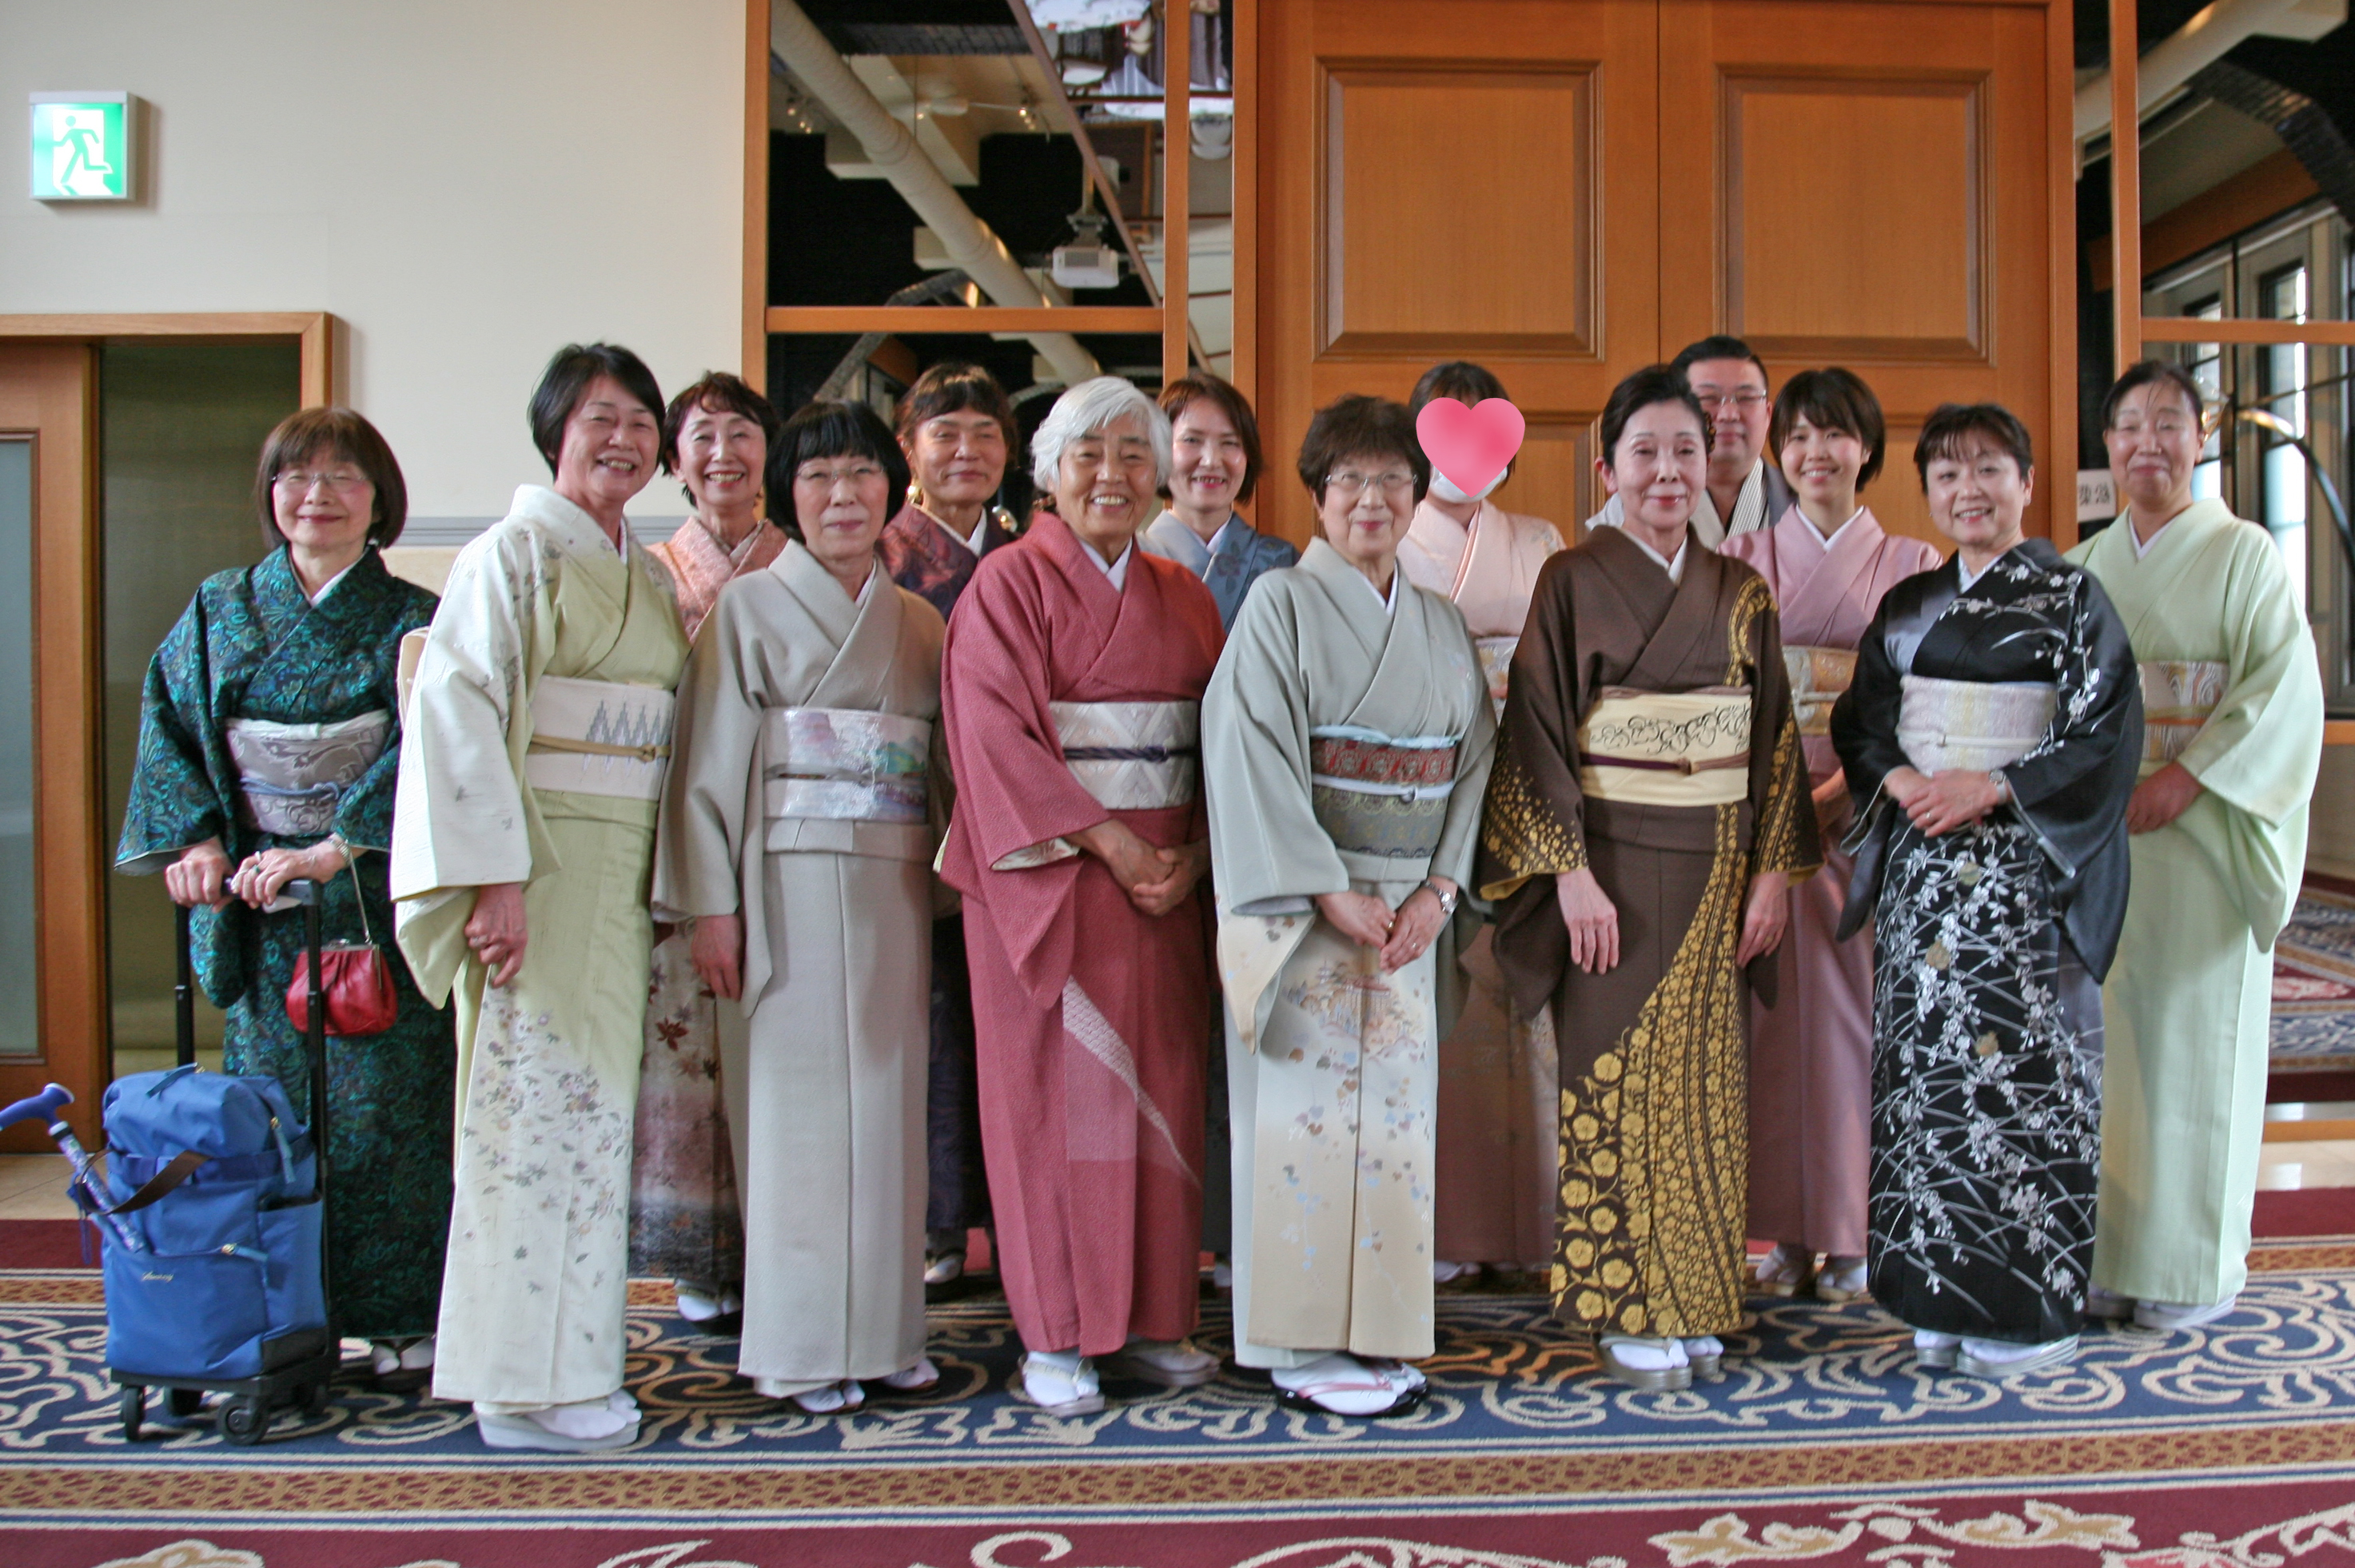 綺麗な青空と和服美人達ー大阪で着方を習うならあべのベルタ校・駒川校ー